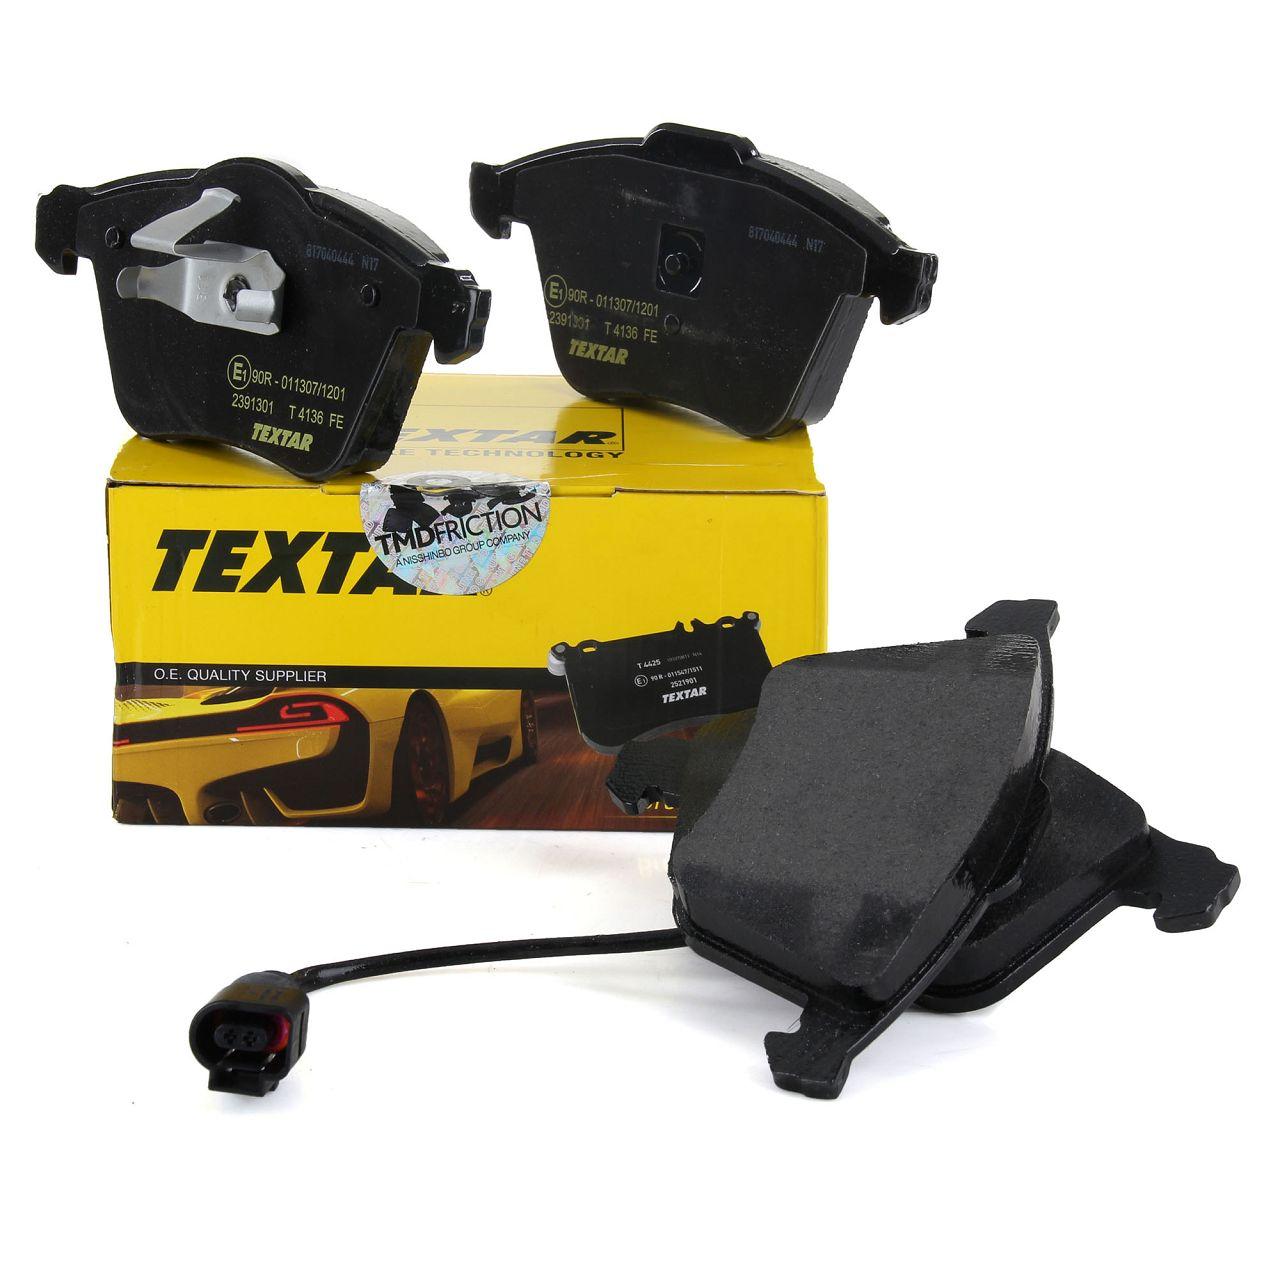 TEXTAR Bremsbeläge + Wako für AUDI S3 TTS SEAT VW GOLF 6 SCIROCCO R vorne